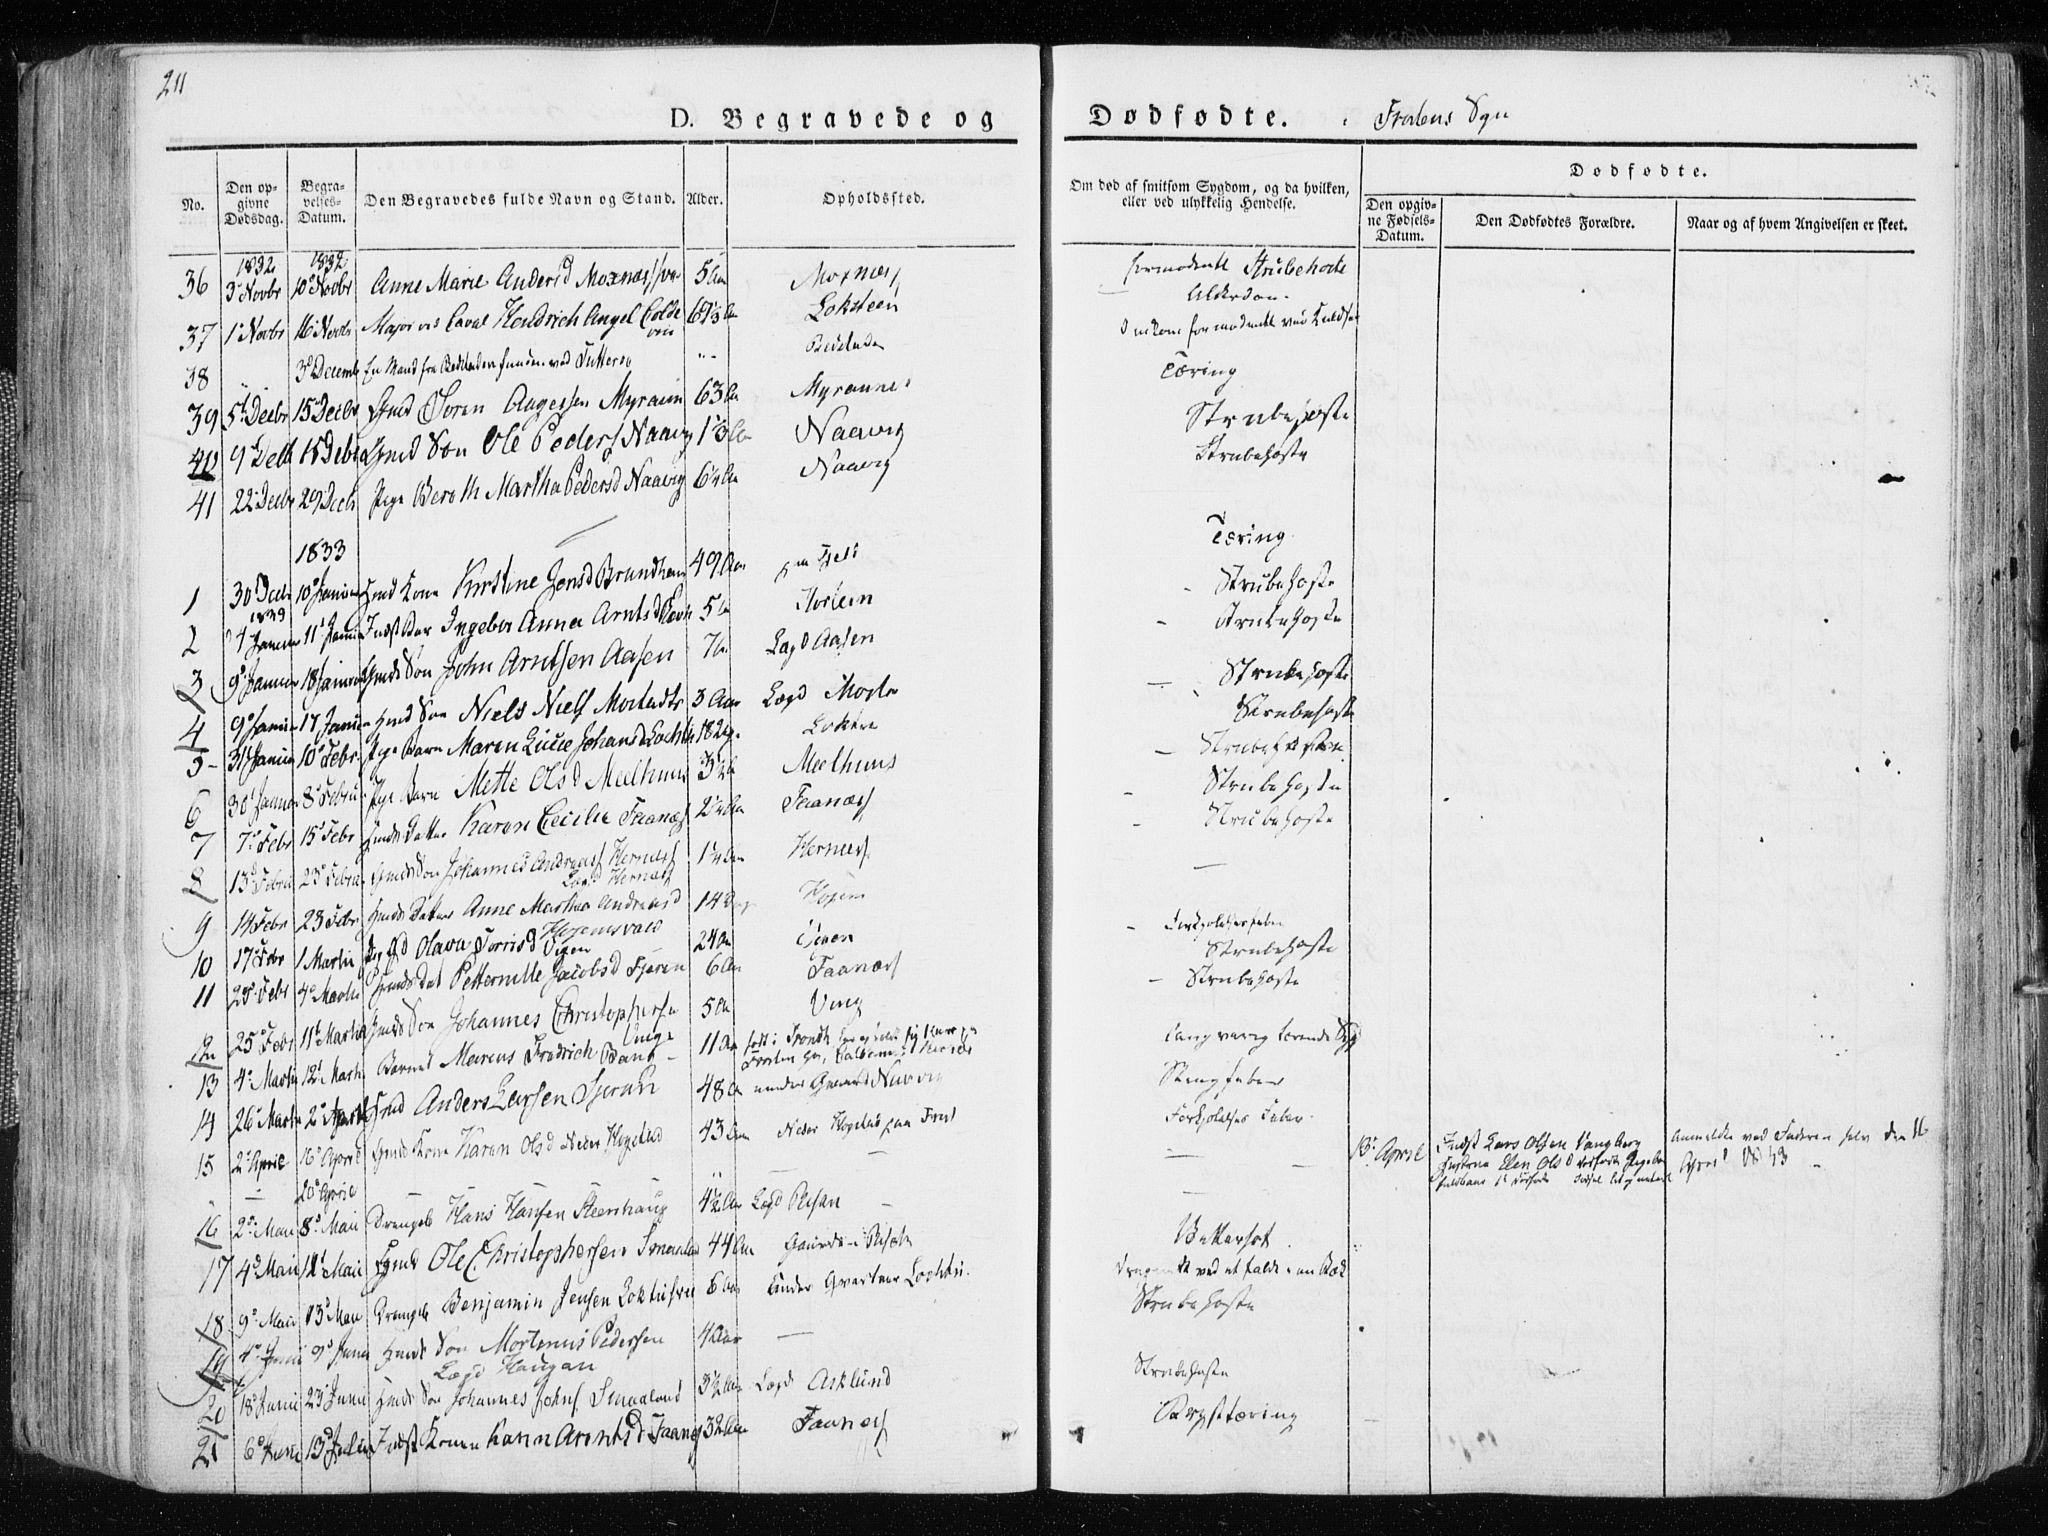 SAT, Ministerialprotokoller, klokkerbøker og fødselsregistre - Nord-Trøndelag, 713/L0114: Ministerialbok nr. 713A05, 1827-1839, s. 211